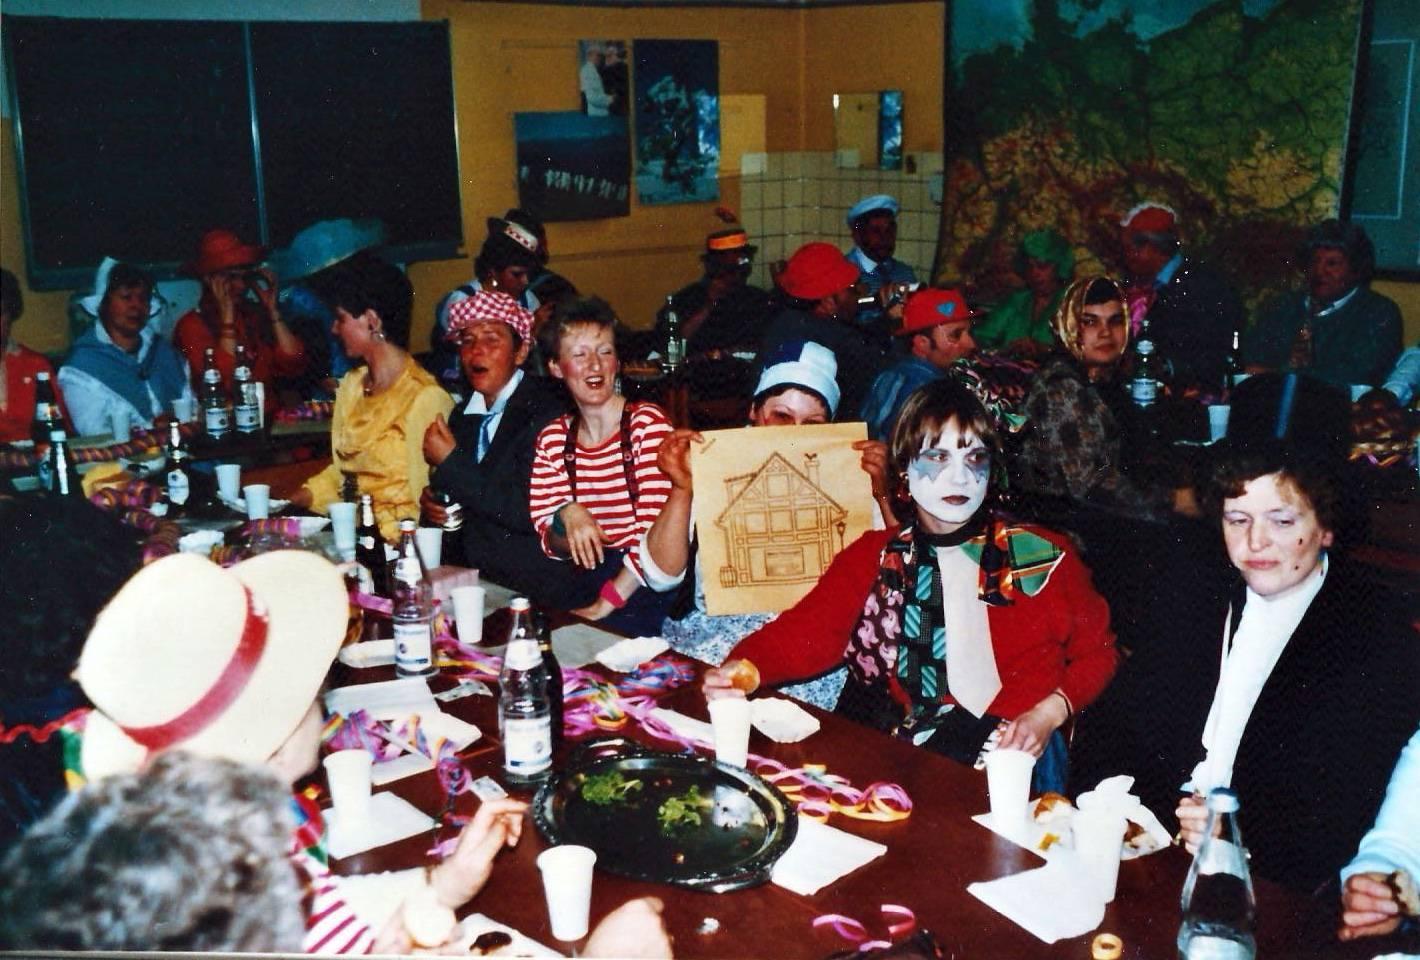 1988 - Karneval wird immer rauschend gefeiert